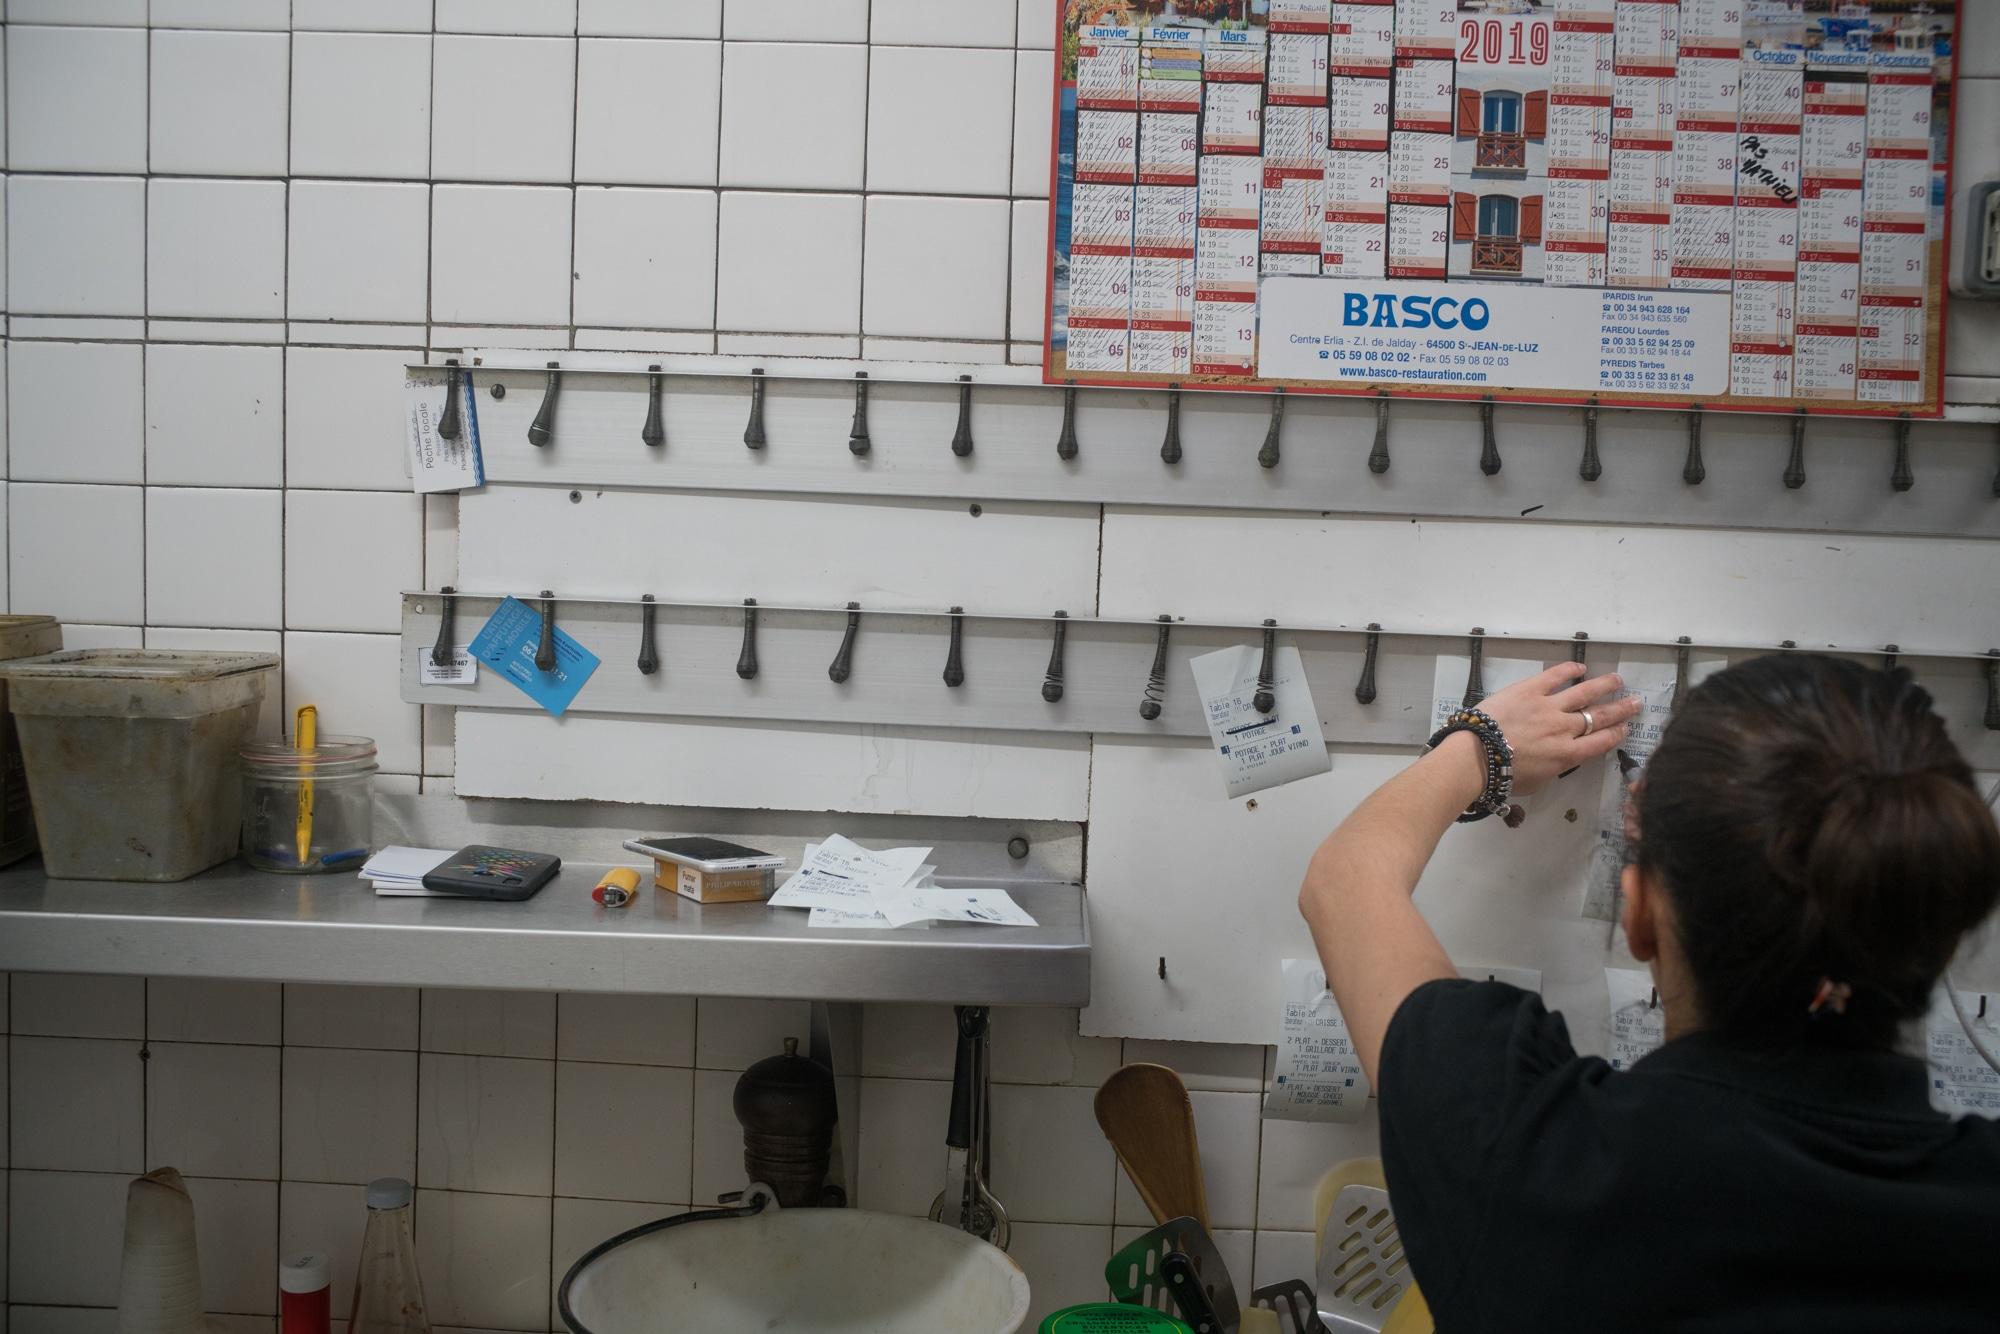 En cuisine, Océane annote des tickets de commande accrochés au mur.